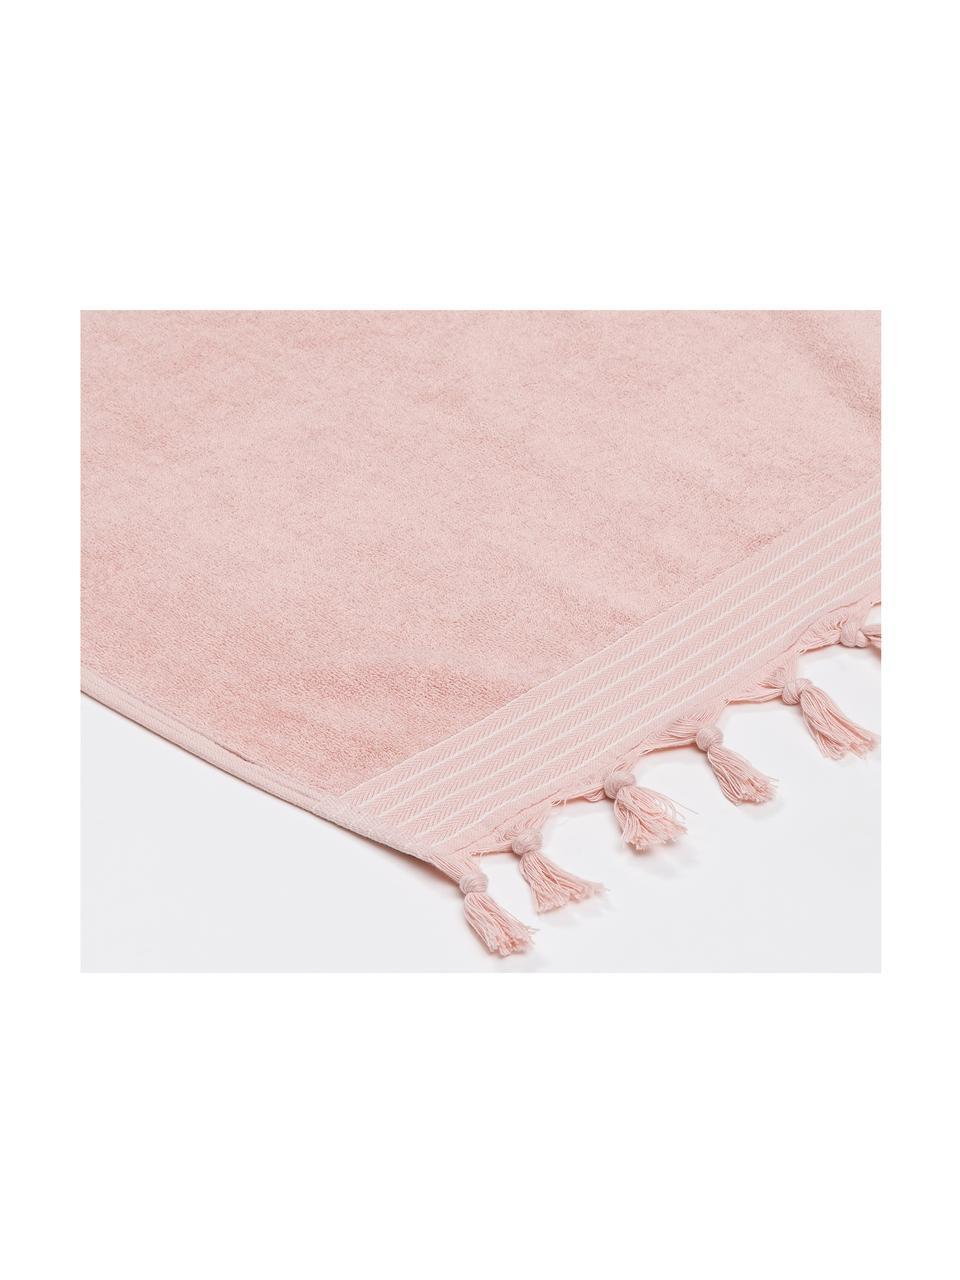 Hamamtuch Soft Cotton mit Frottee-Rückseite, Rückseite: Frottee, Rosa, Weiß, 100 x 180 cm